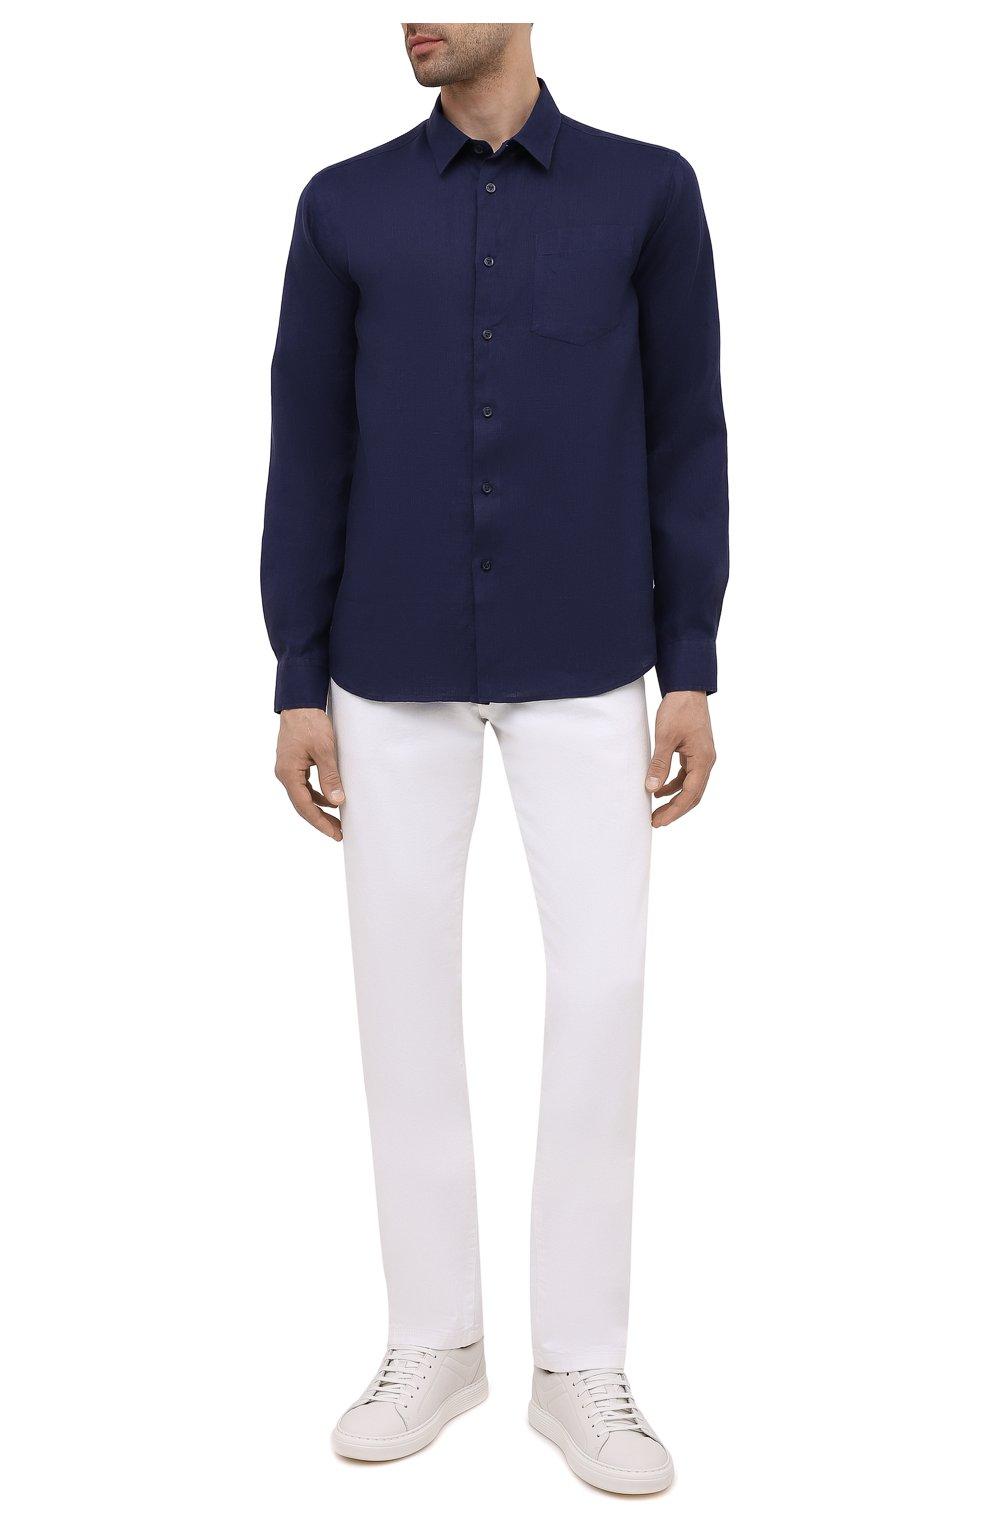 Мужская льняная рубашка VILEBREQUIN темно-синего цвета, арт. CRSP601P/390   Фото 2 (Воротник: Кент; Рукава: Длинные; Случай: Повседневный; Длина (для топов): Стандартные; Материал внешний: Лен; Стили: Кэжуэл)